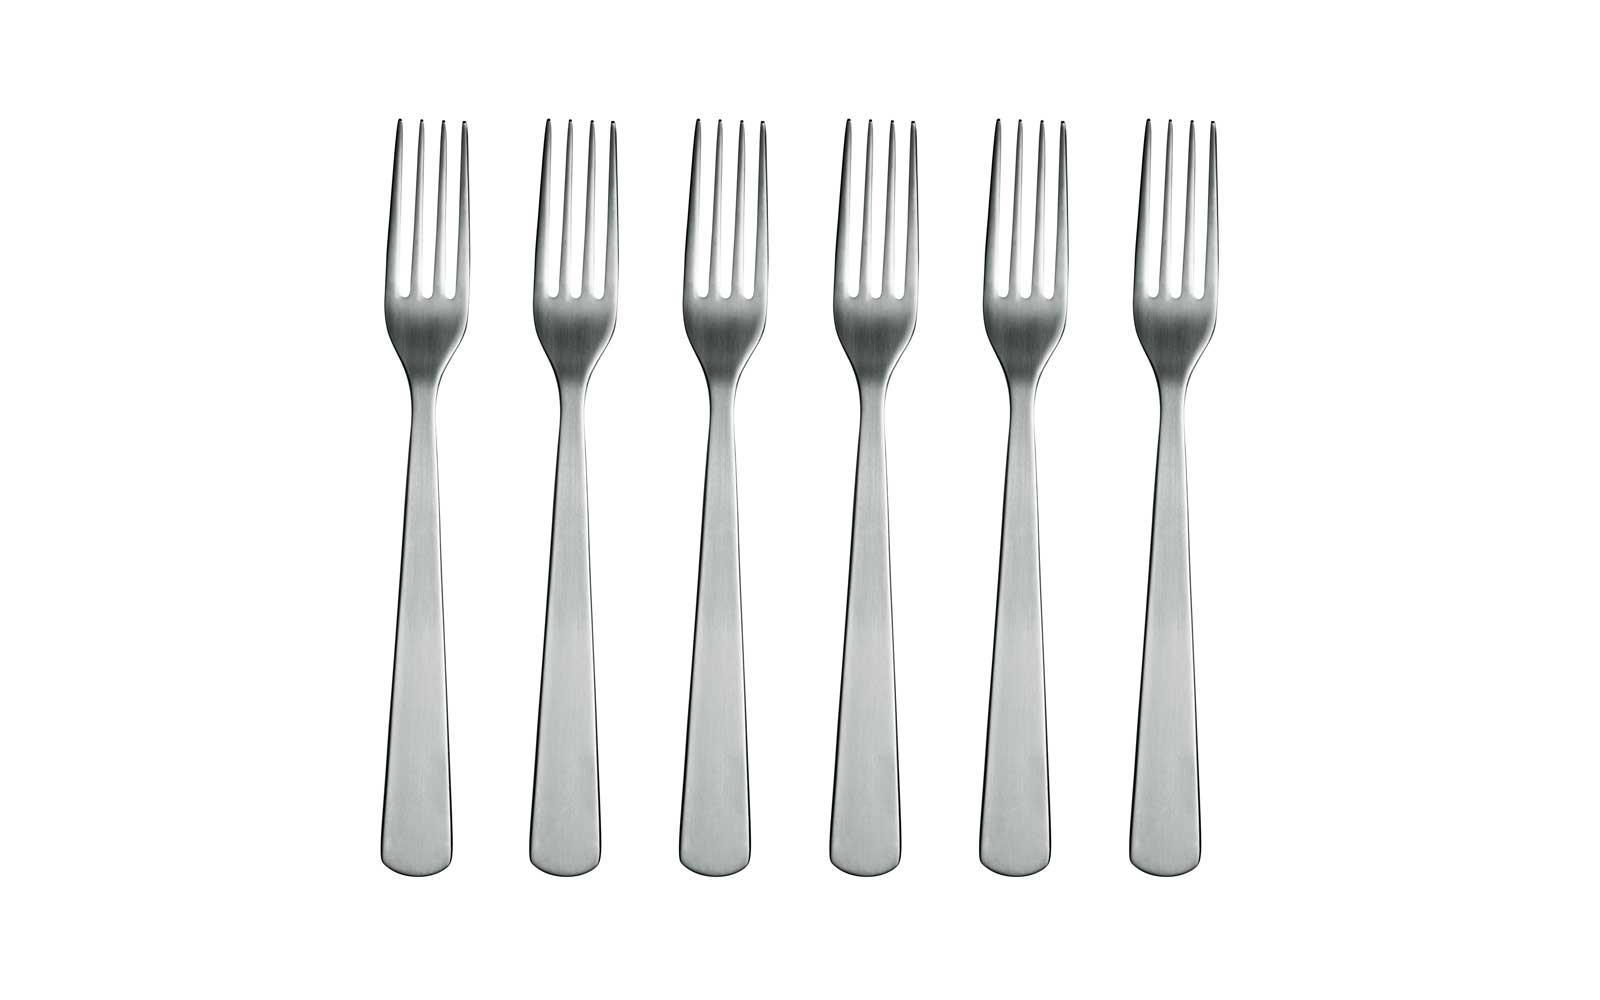 Image result for Tableware Forks